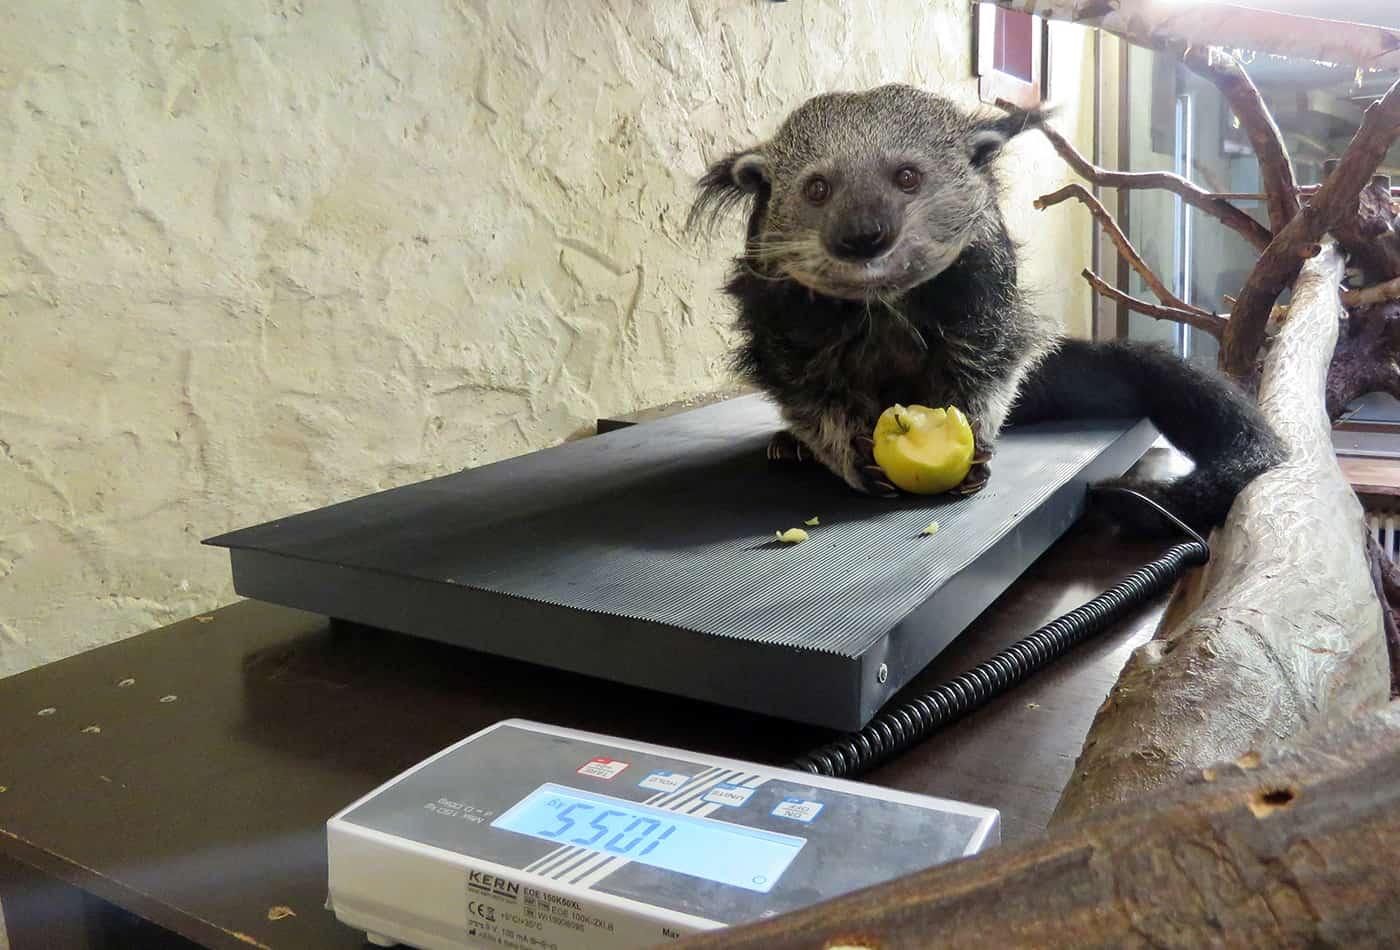 Eine großzügige Spende der Sparkasse Heidelberg ermöglichte die Anschaffung einer mobilen Waage zur Gewichtskontrolle unterschiedlicher Zootiere. Auf dem Foto ist die Waage bei den Binturongs im Einsatz. (Foto: Zoo Heidelberg)